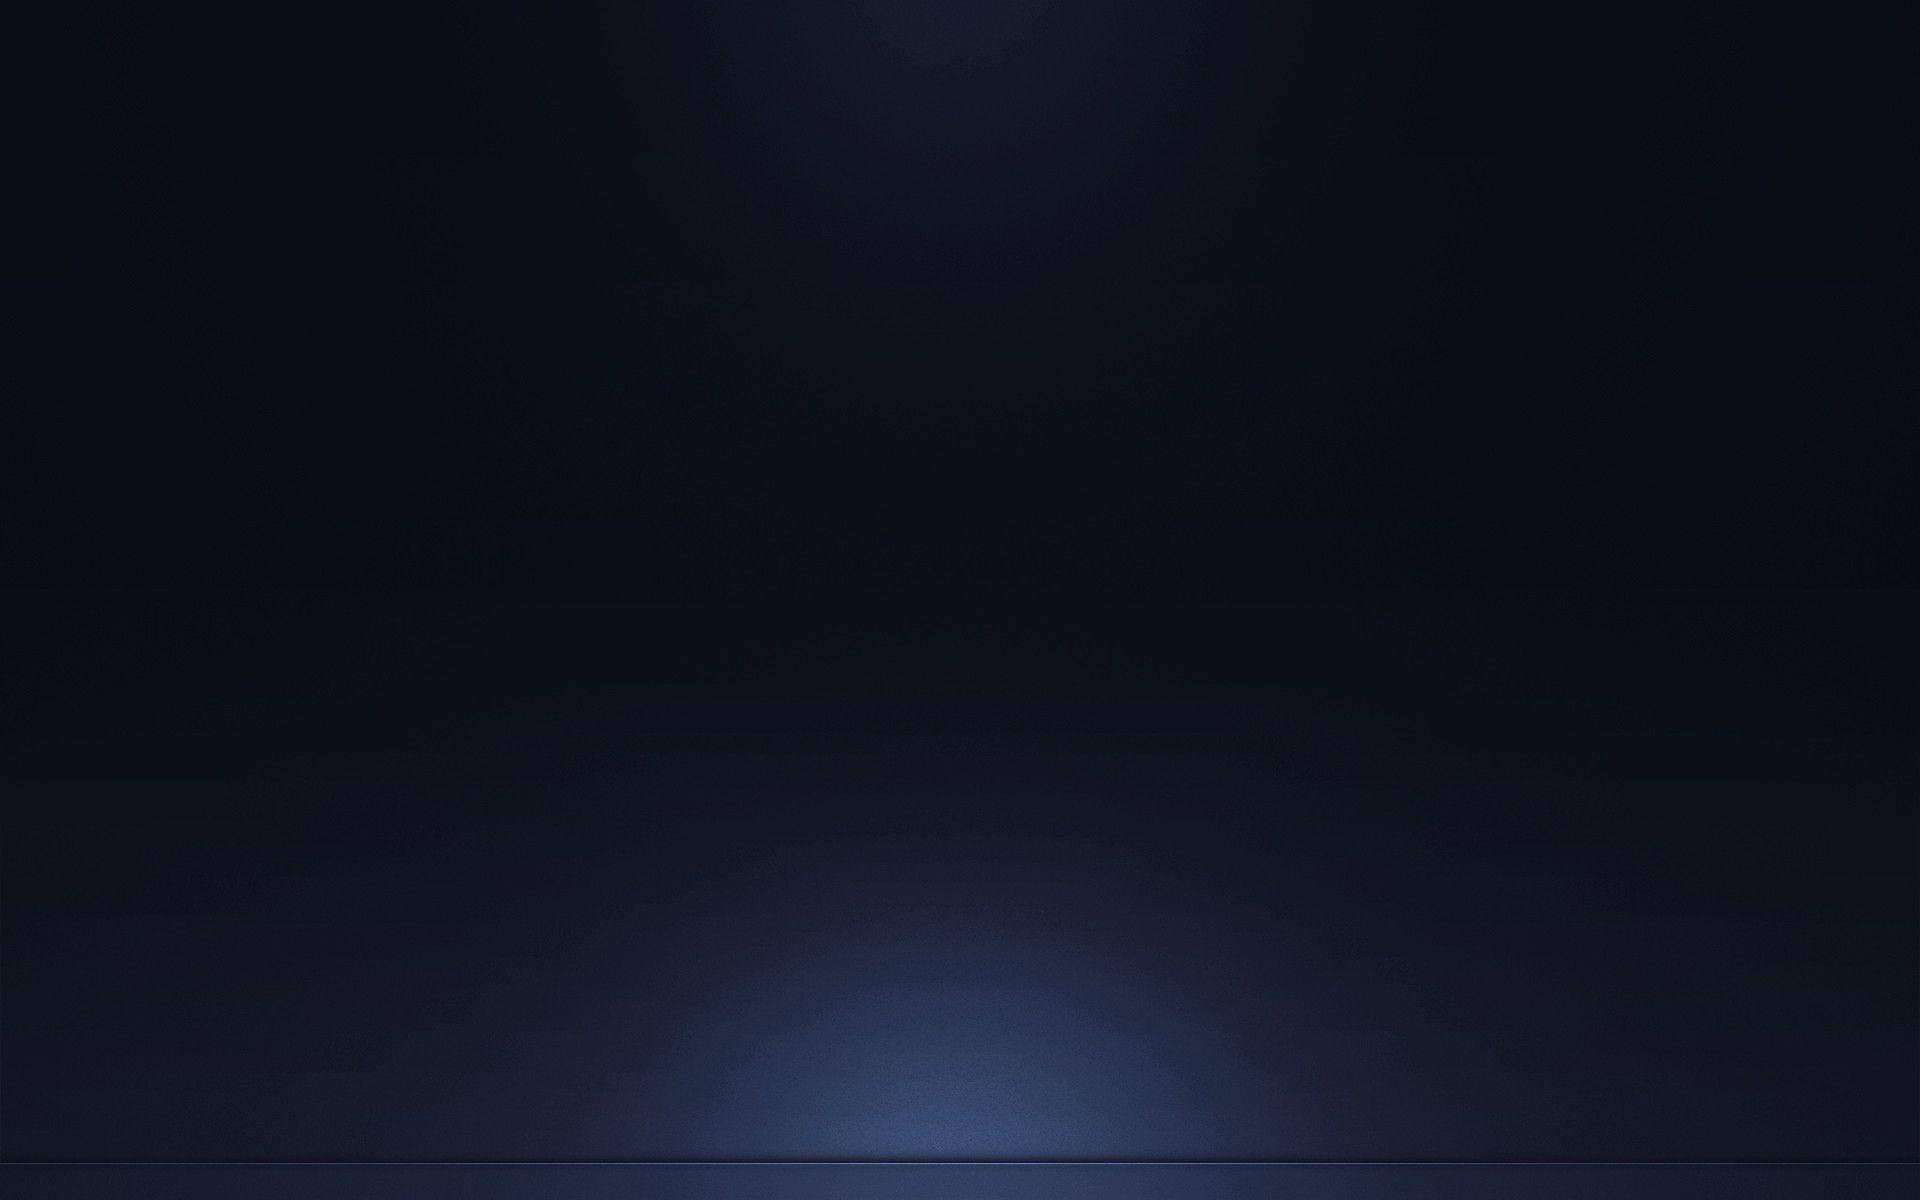 Deep Blue Backgrounds 1920x1200